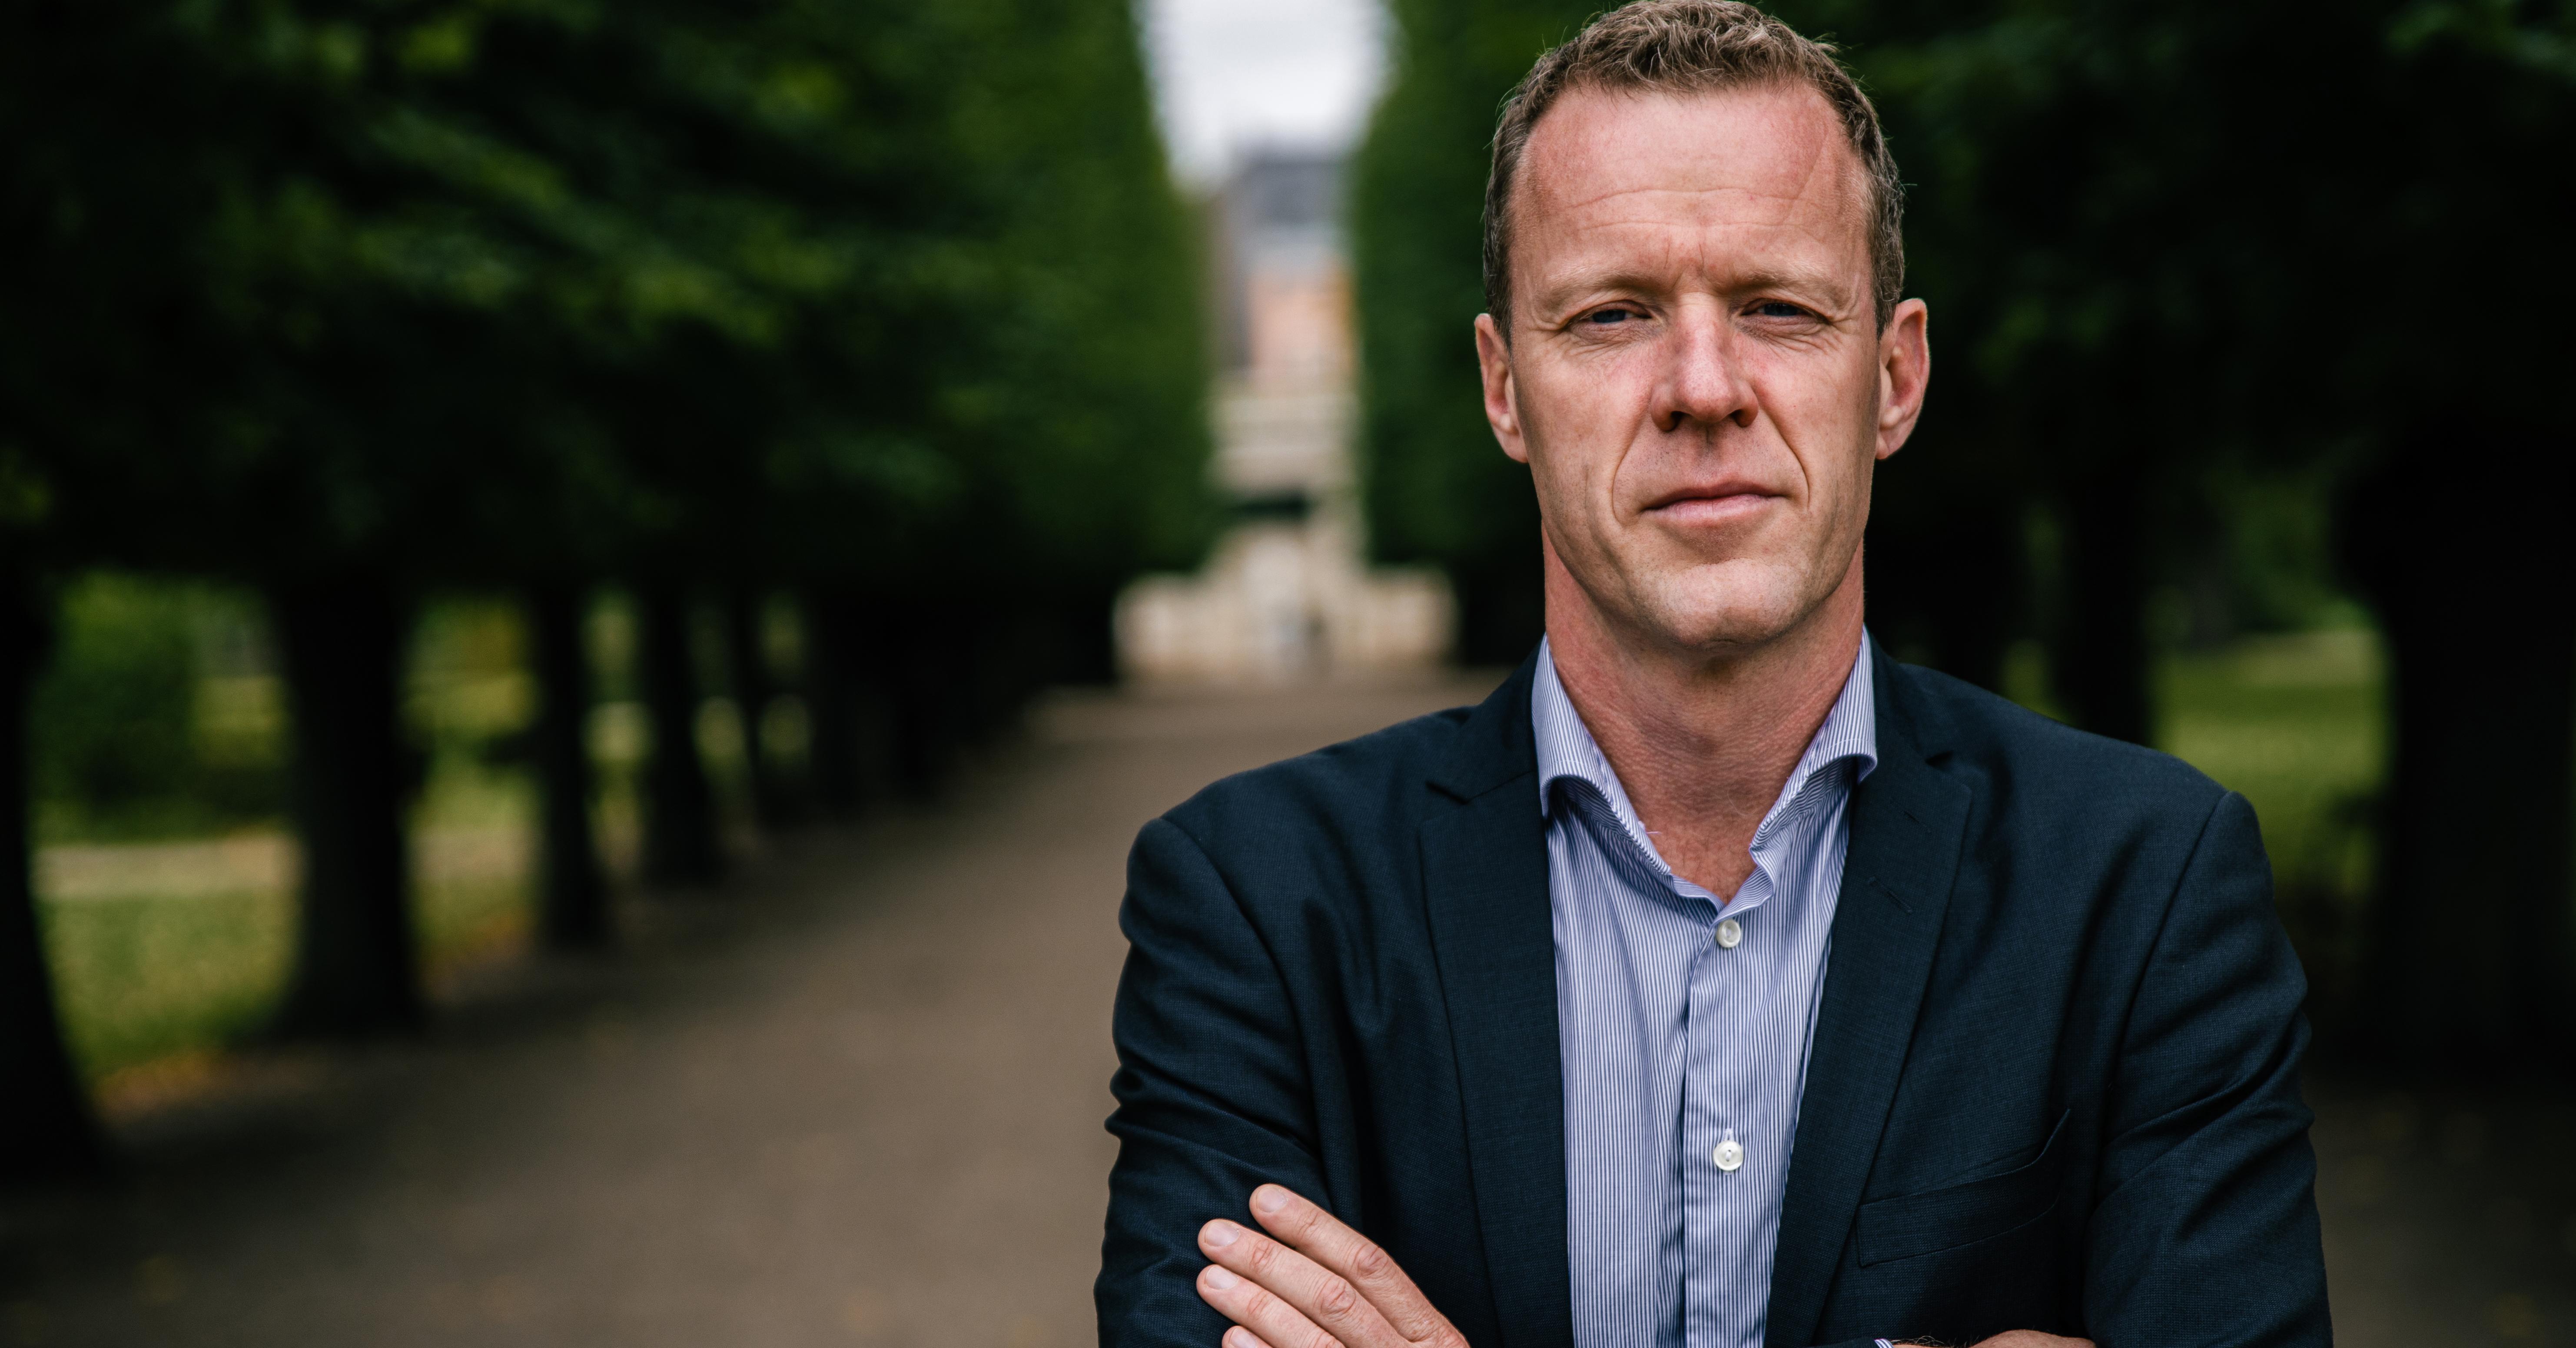 Christian Stavik, Berlingske media, København, Noroff